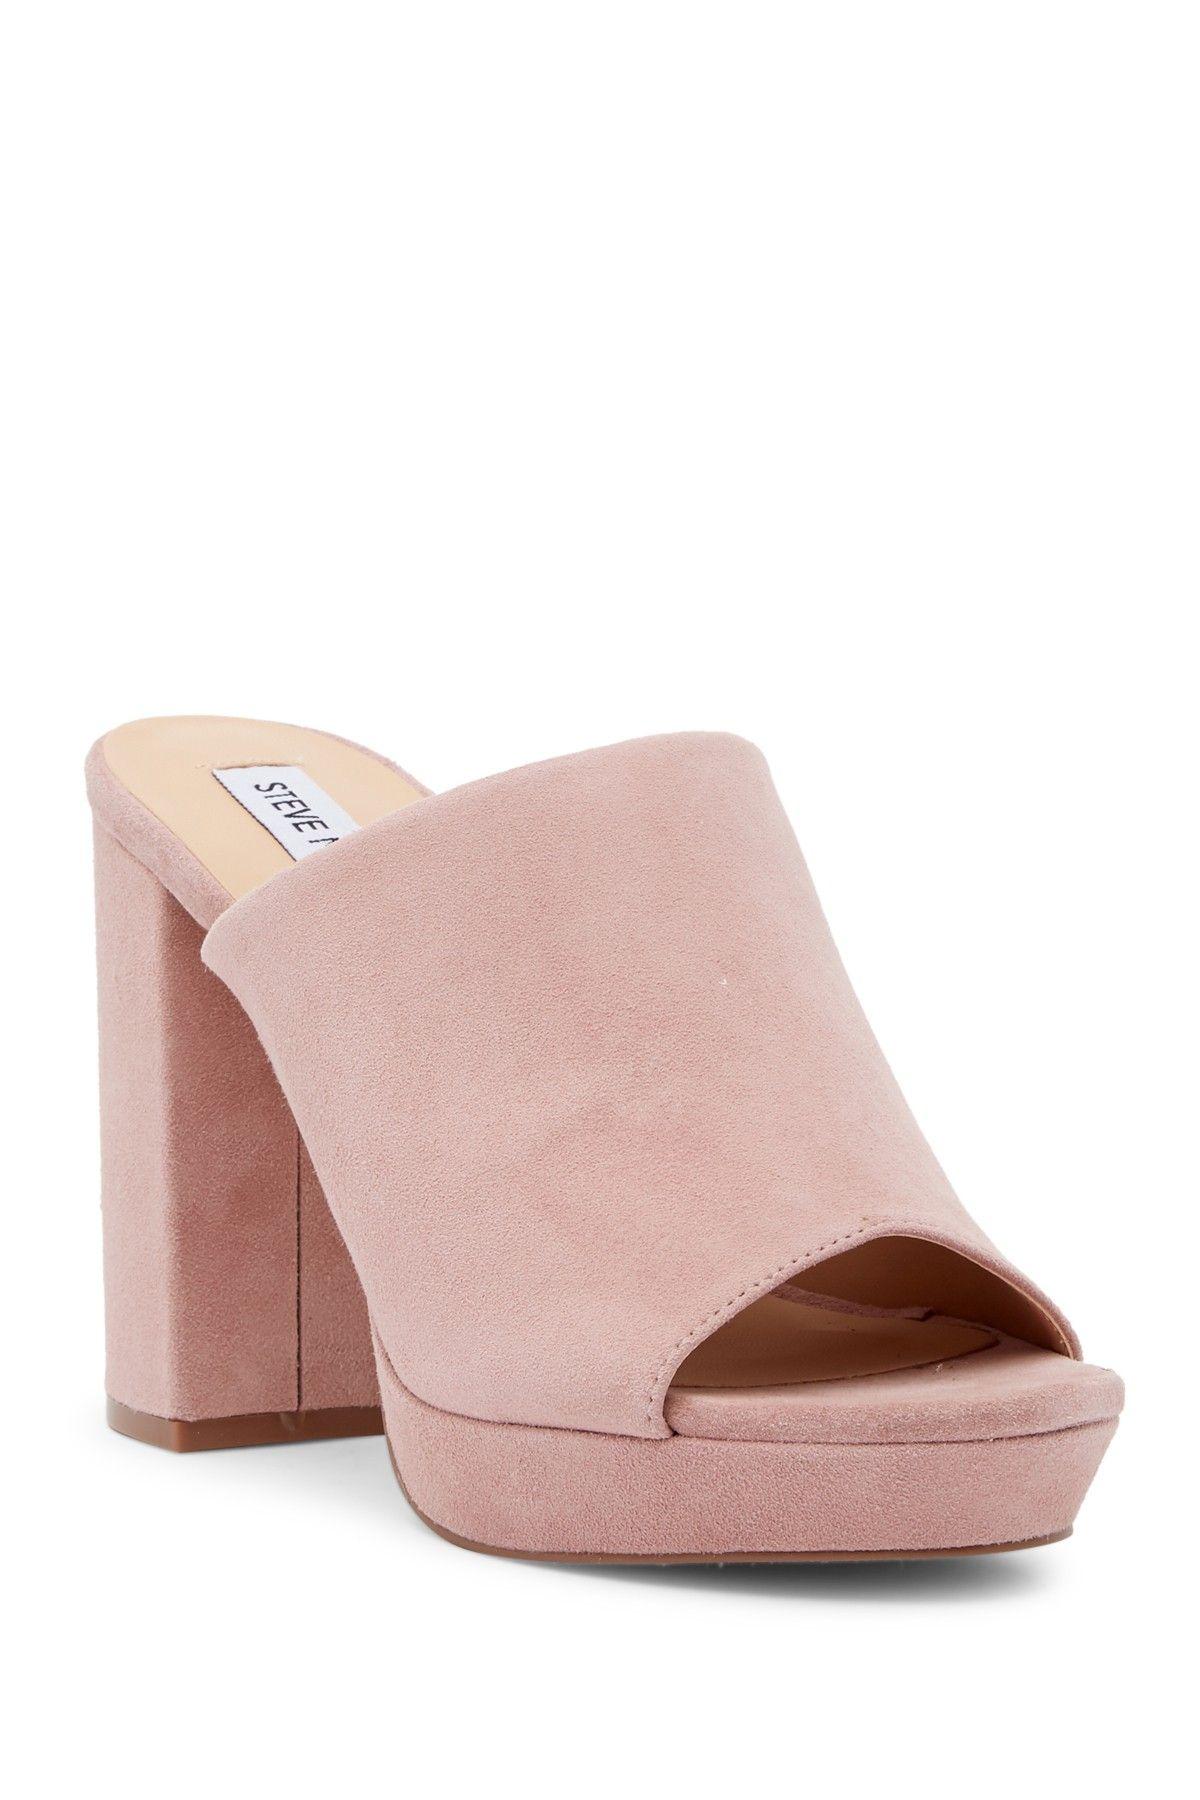 7cbfadab170 Tavish Platform Sandal Shoes